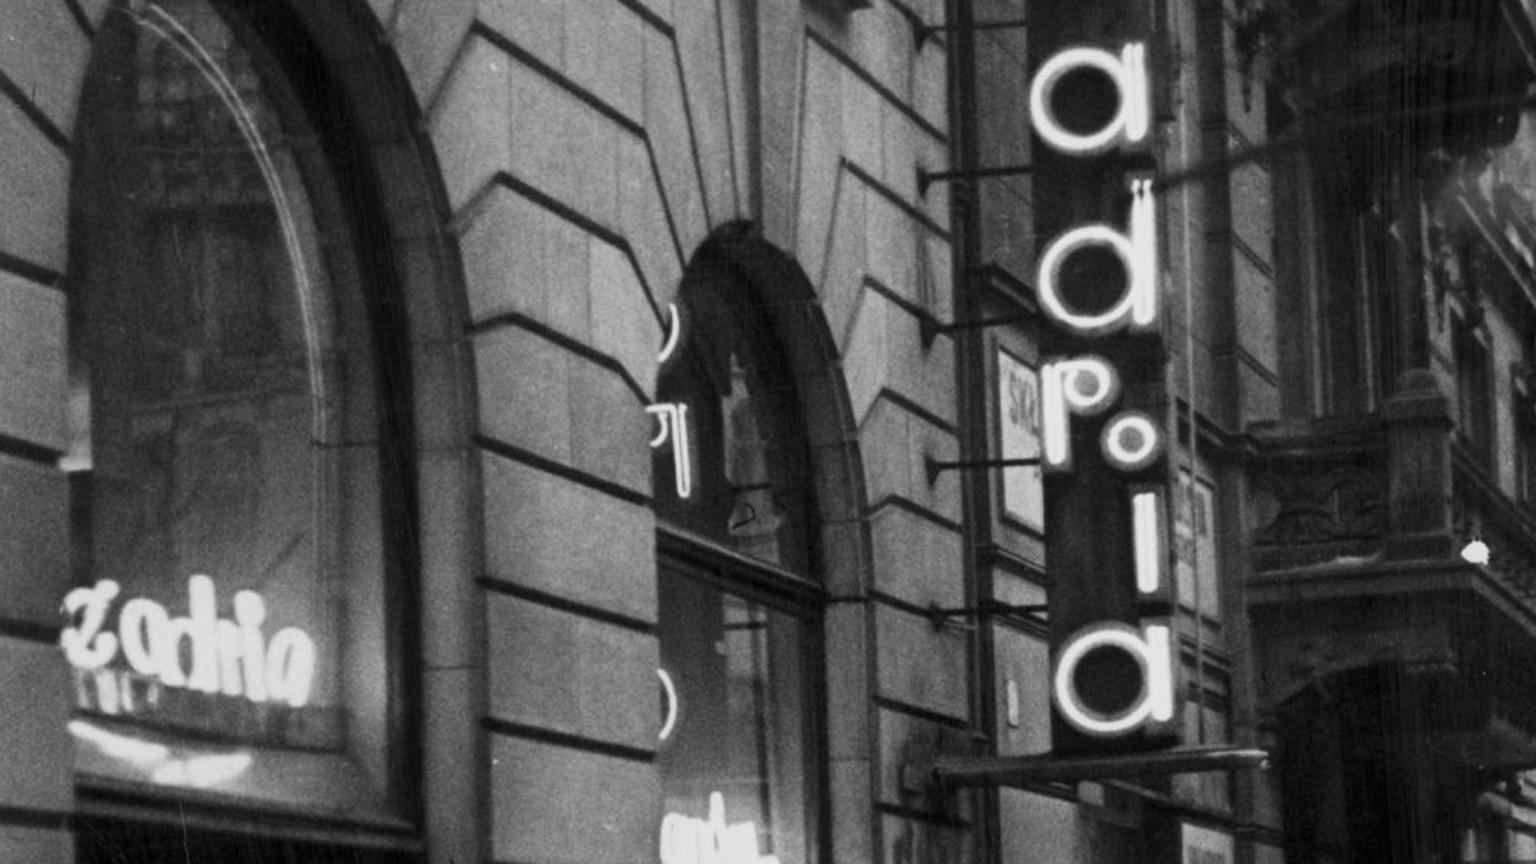 Zdjęcie dla kartki: Jan Kryst dokonuje zamachu w Adrii